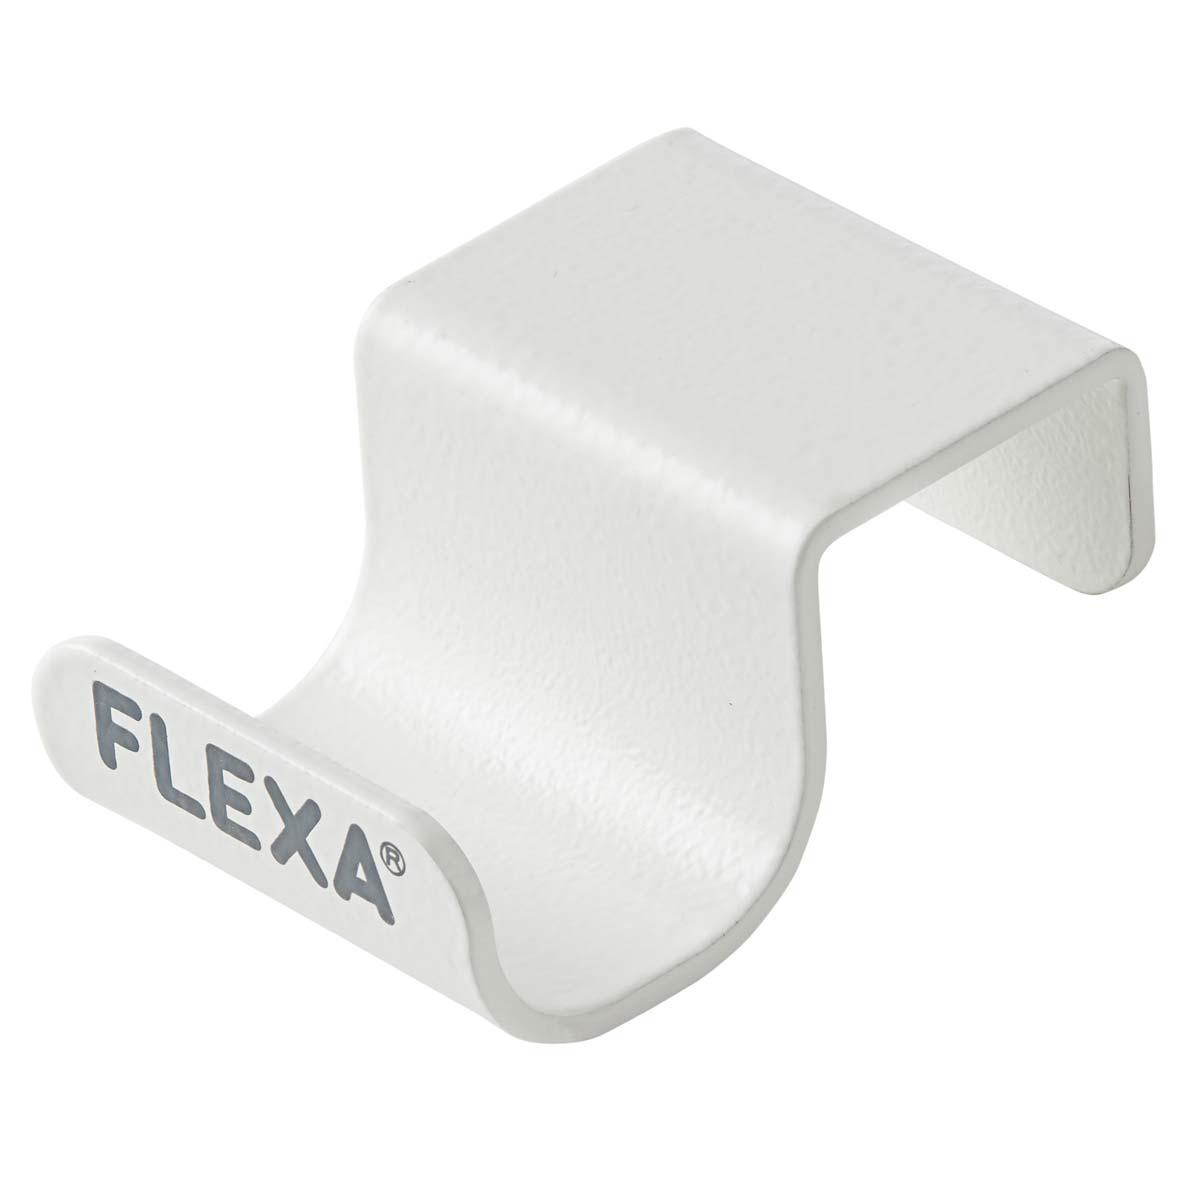 Taschenhaken EVO Flexa weiß